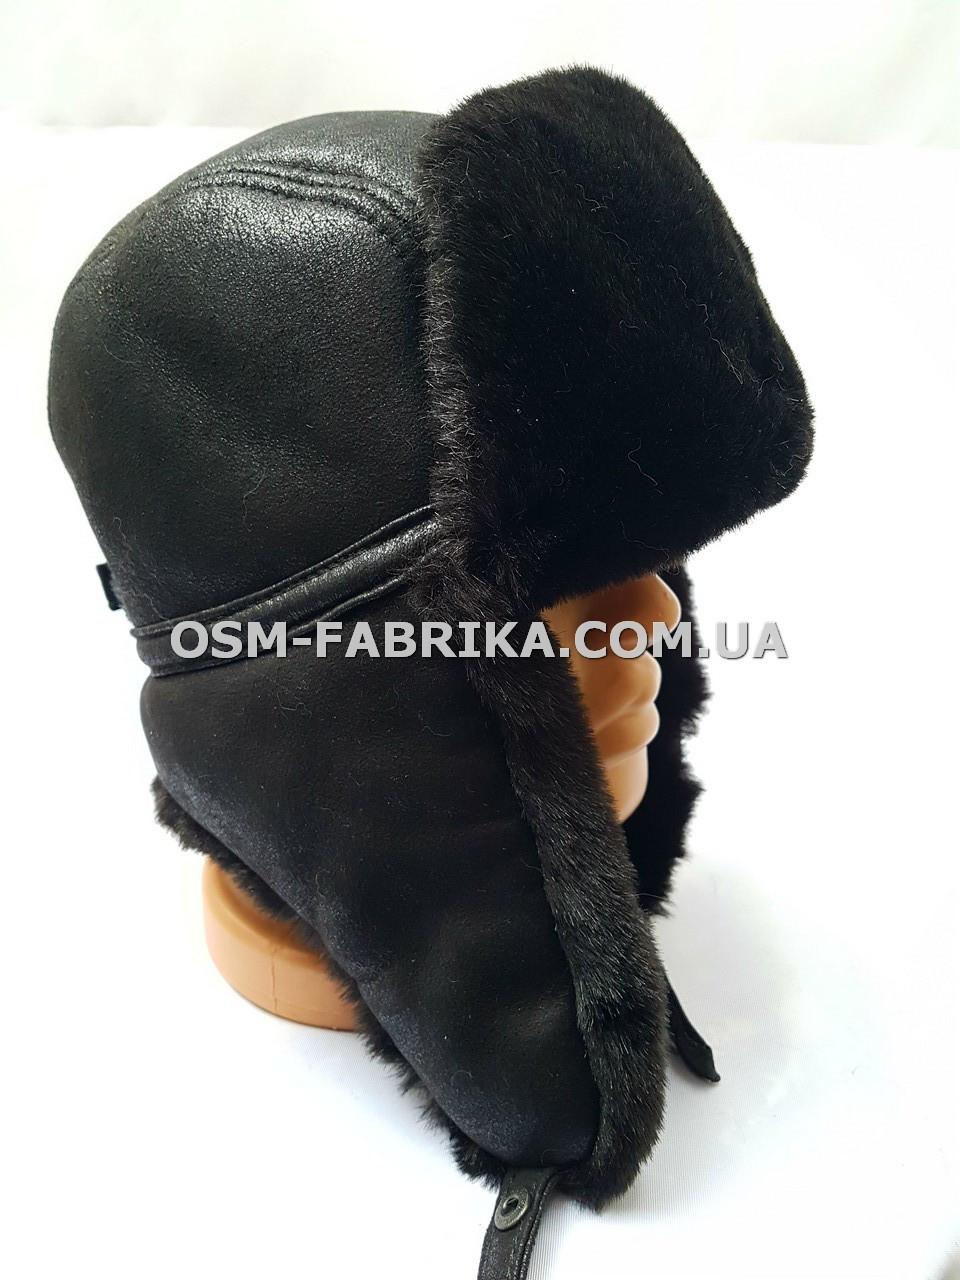 Модная шапка-ушанка для мужчин оптом и в розницу